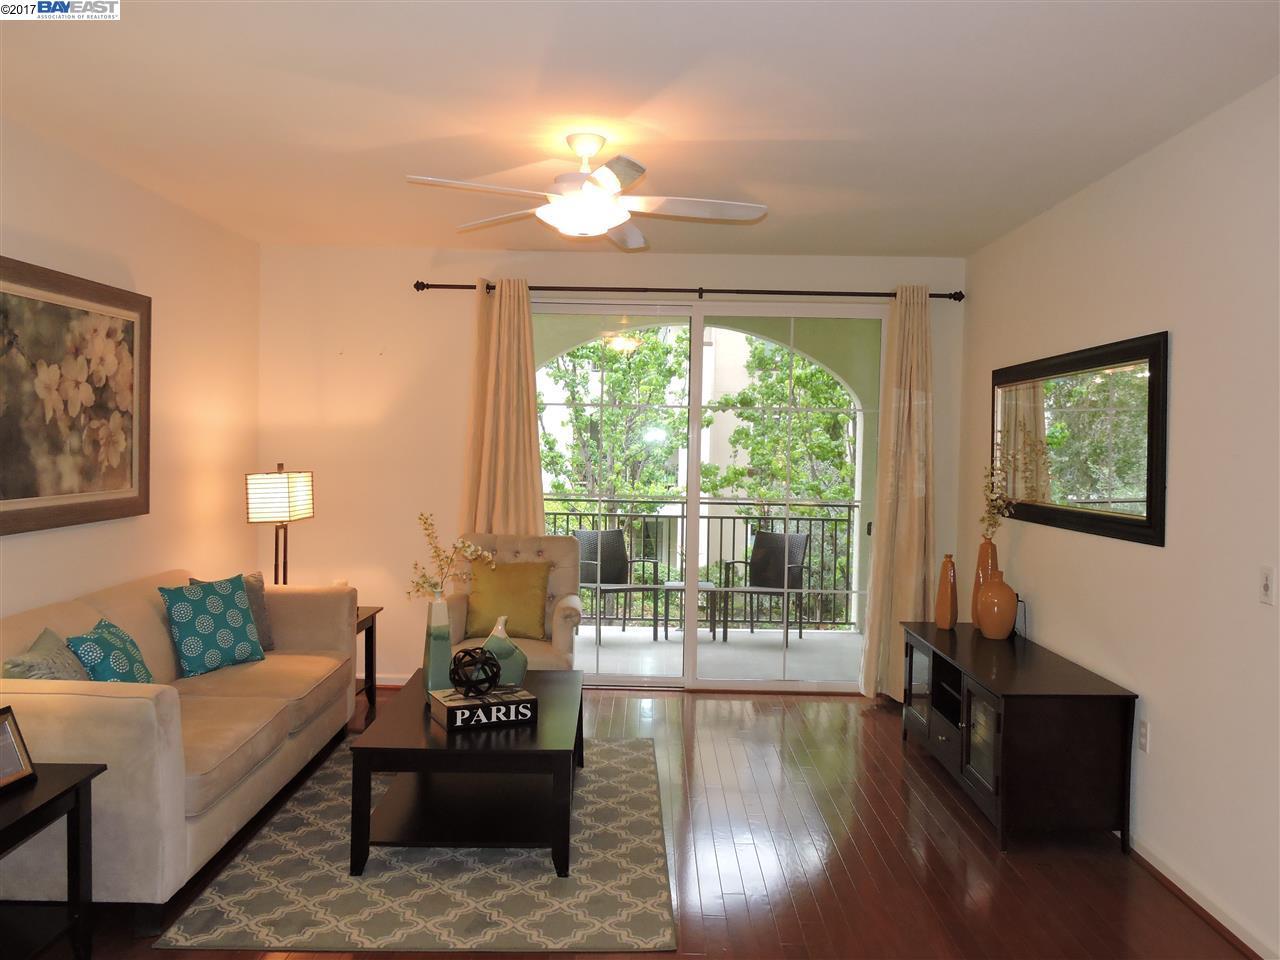 Condominium for Sale at 800 S Abel Street Milpitas, California 95035 United States